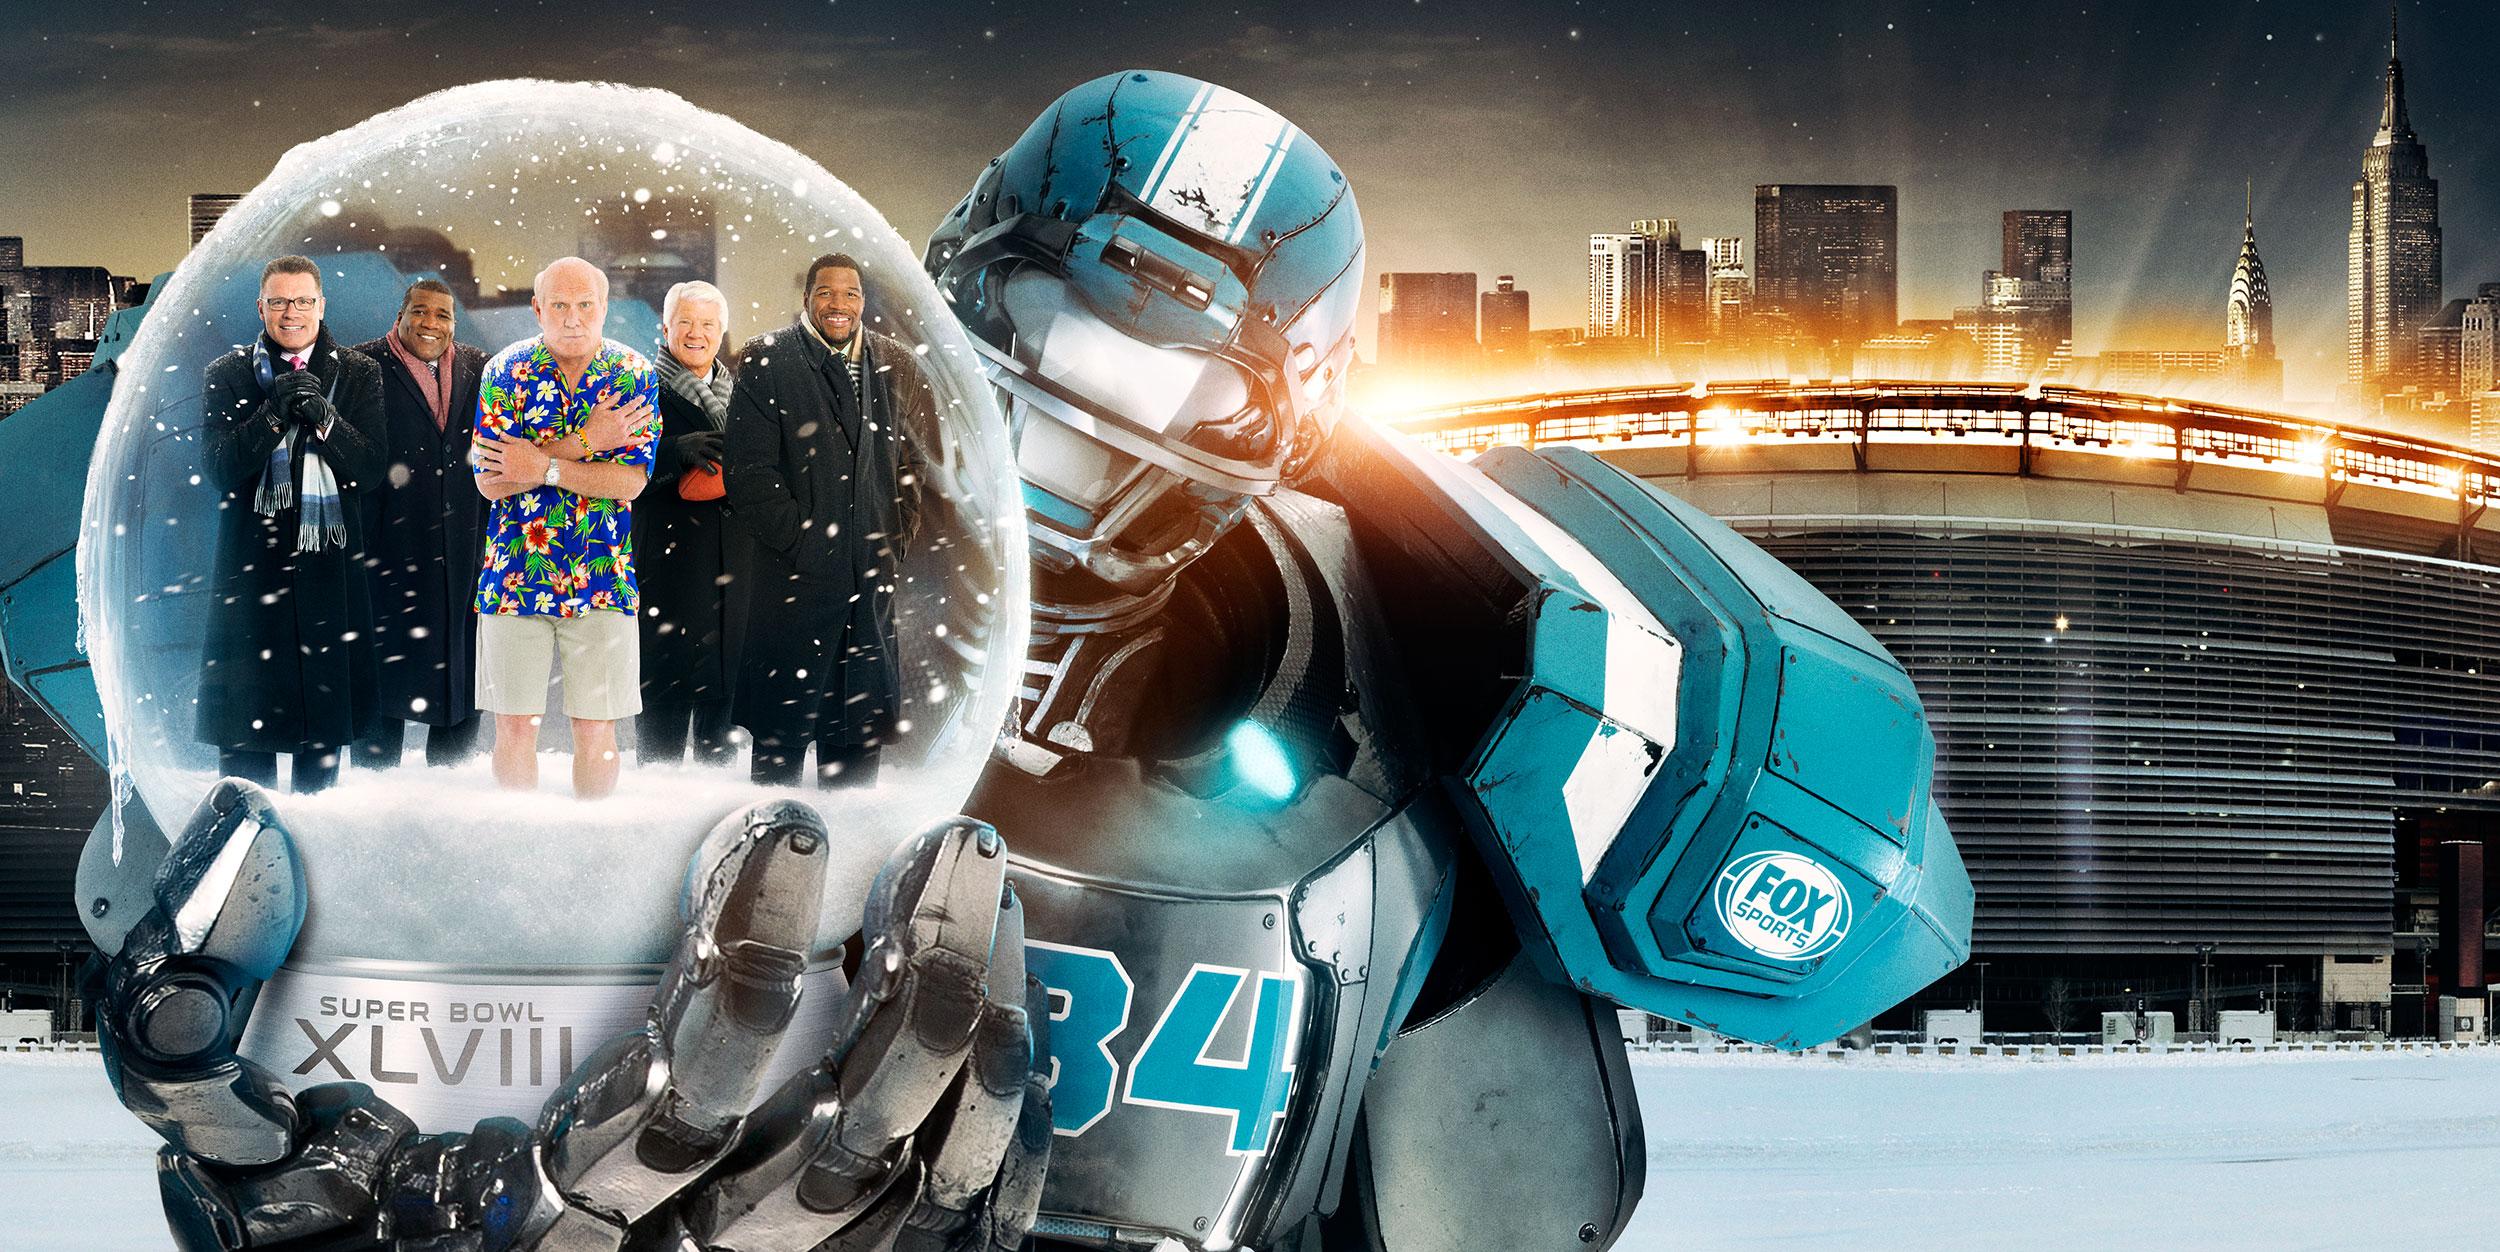 Fox Sports | Superbowl XLVIII Key Art